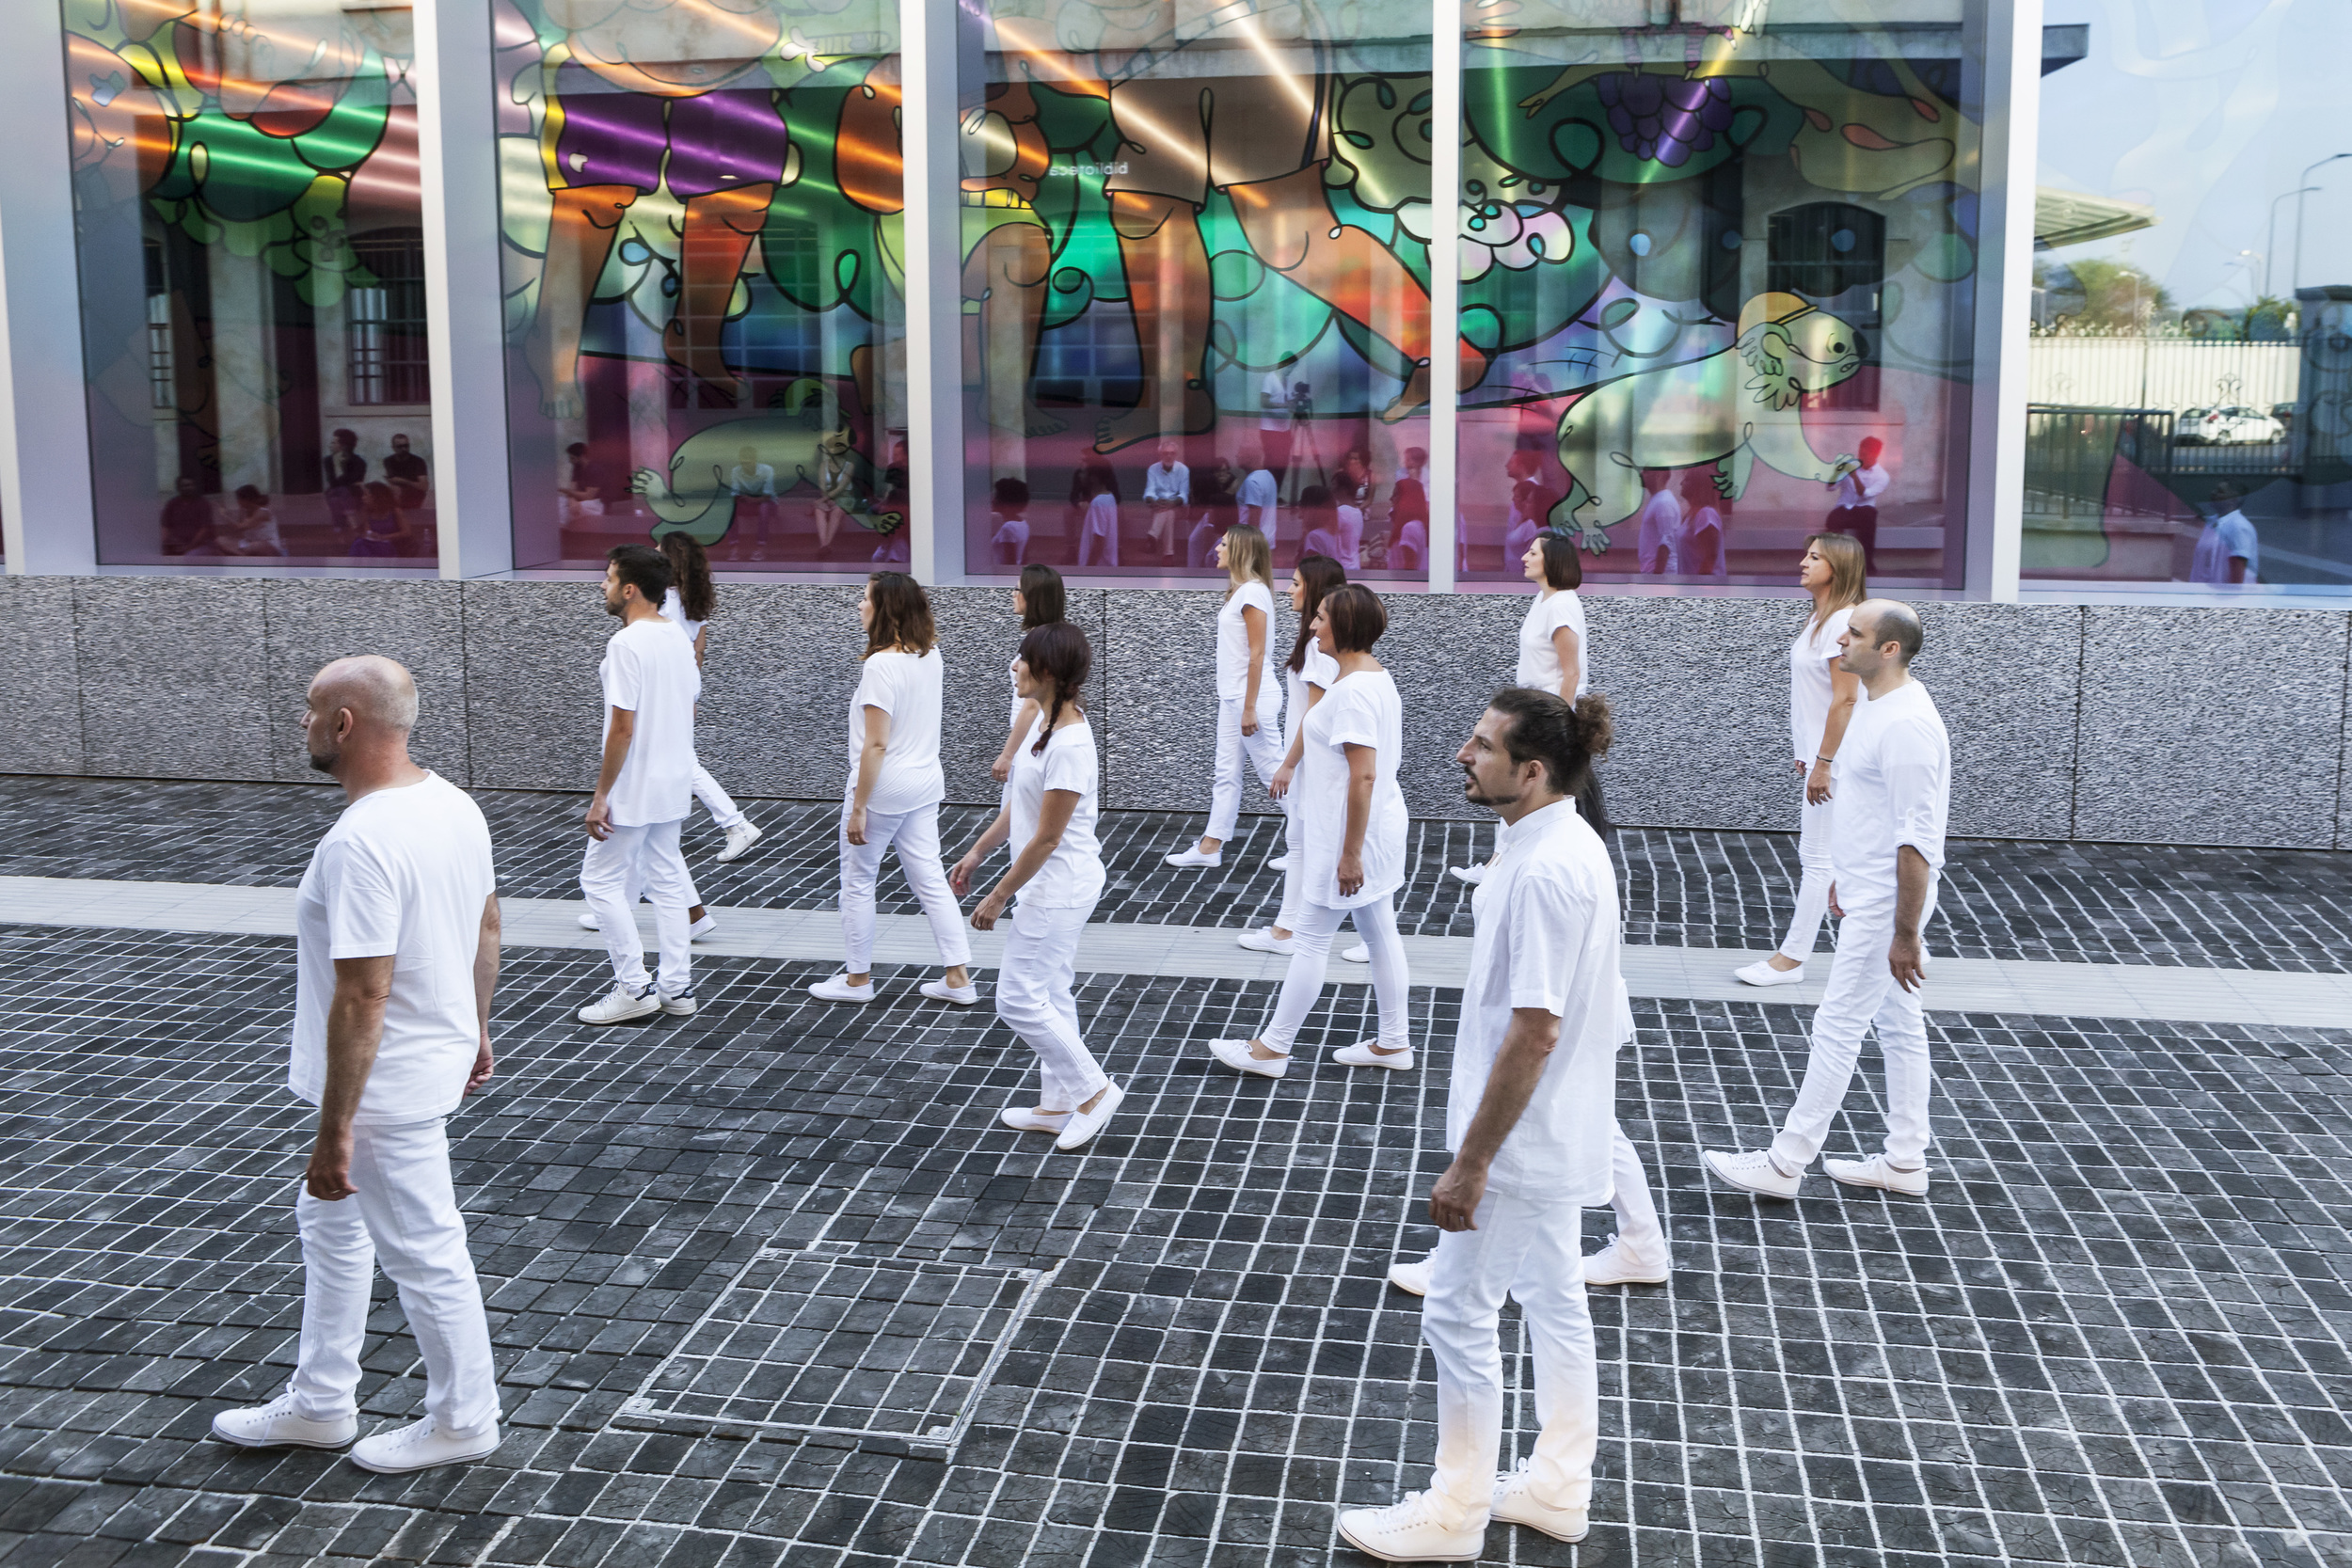 Fondazione Prada - Nástio Mosquito_Performance 7.jpg